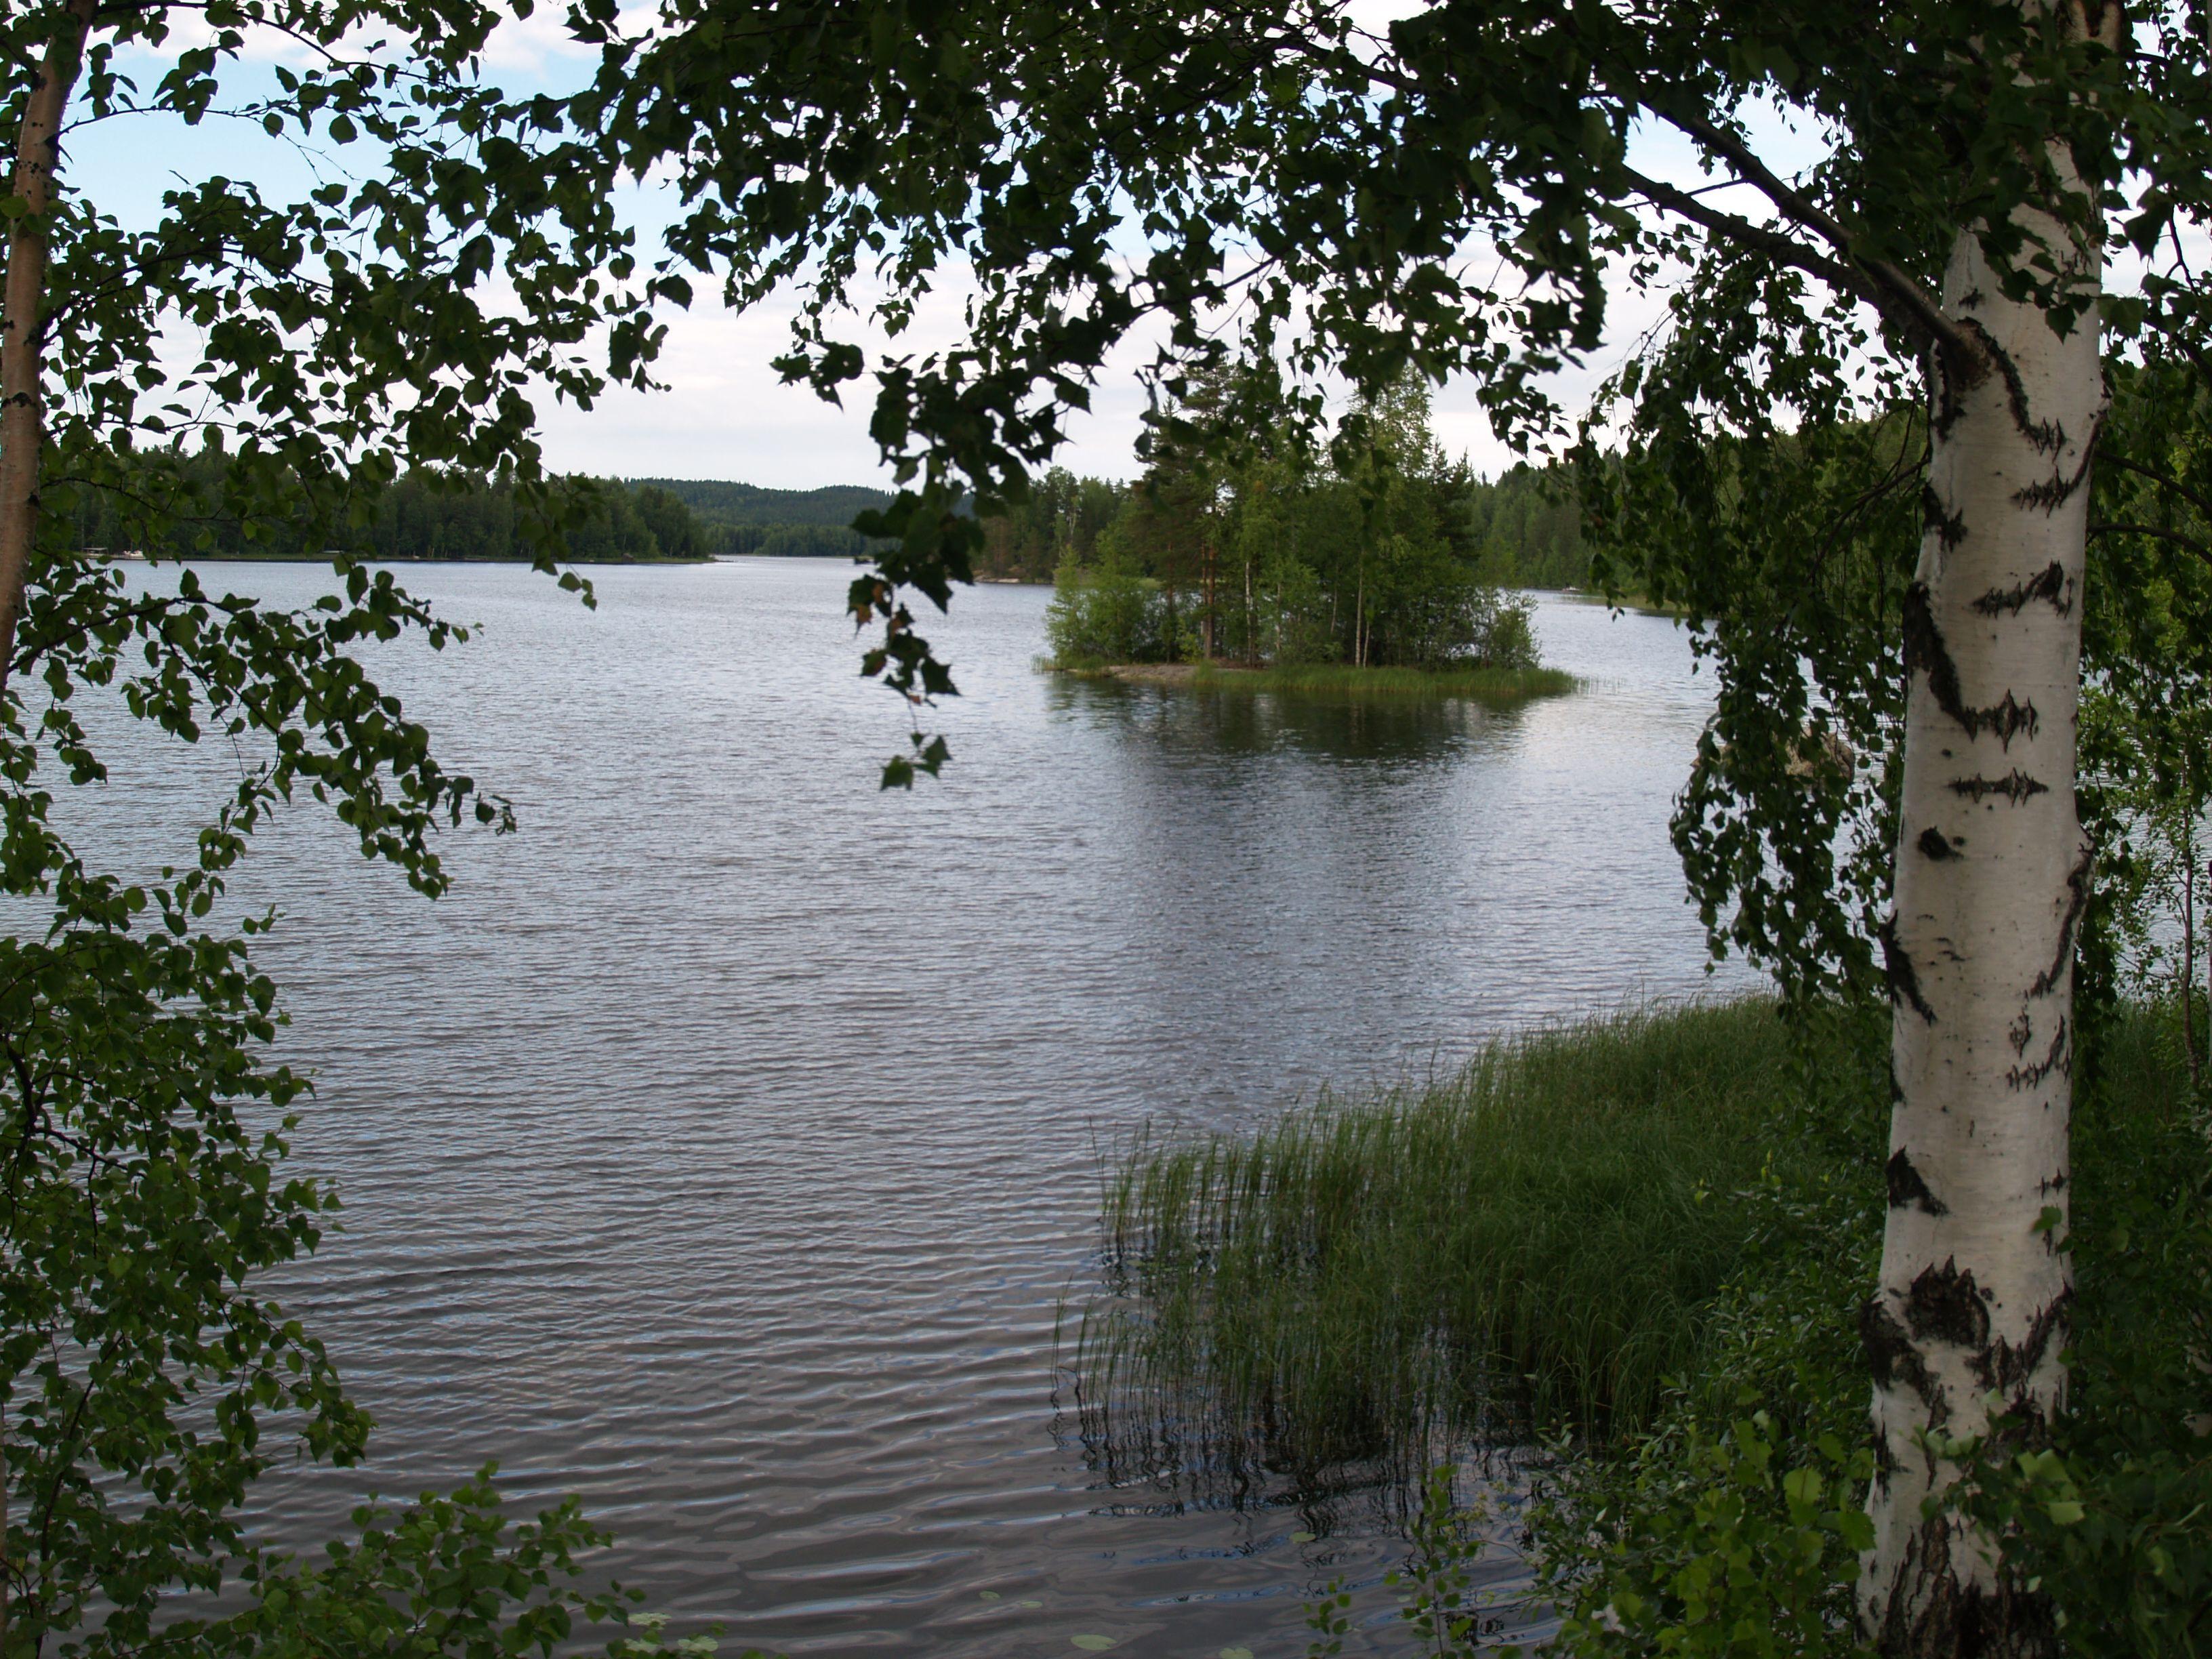 Maisema Päijänteeltä väliltä Korpilahti - Sysmä